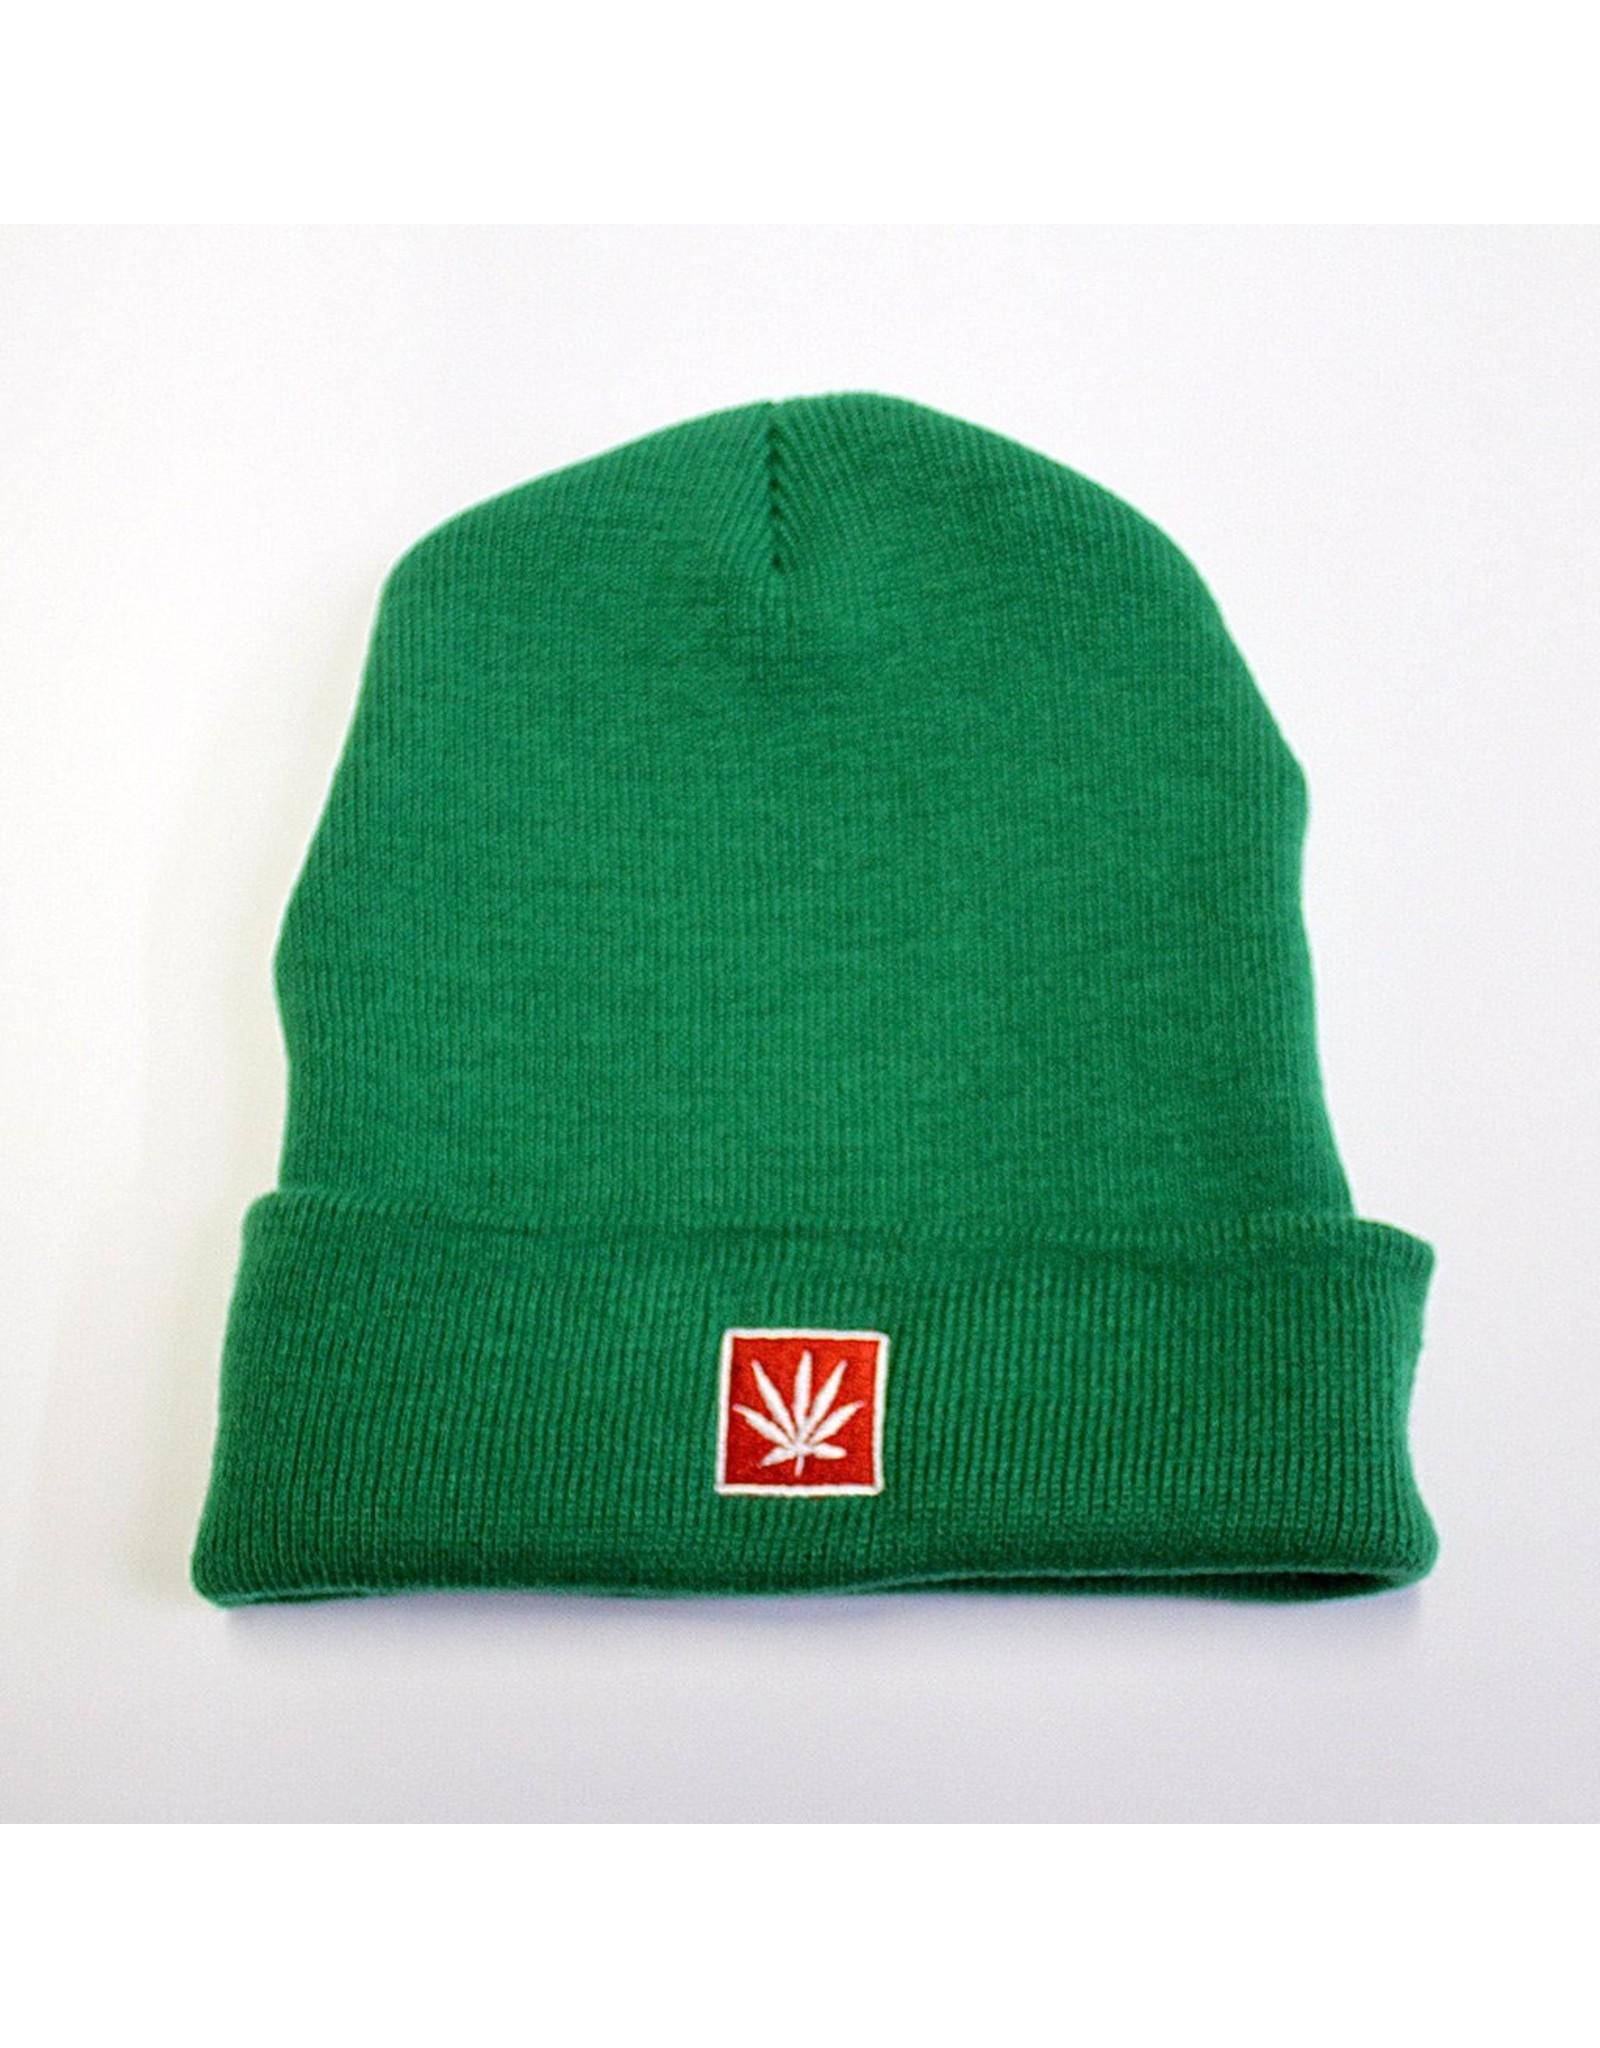 Stoner Days Stoner Days Knit Beanie Green